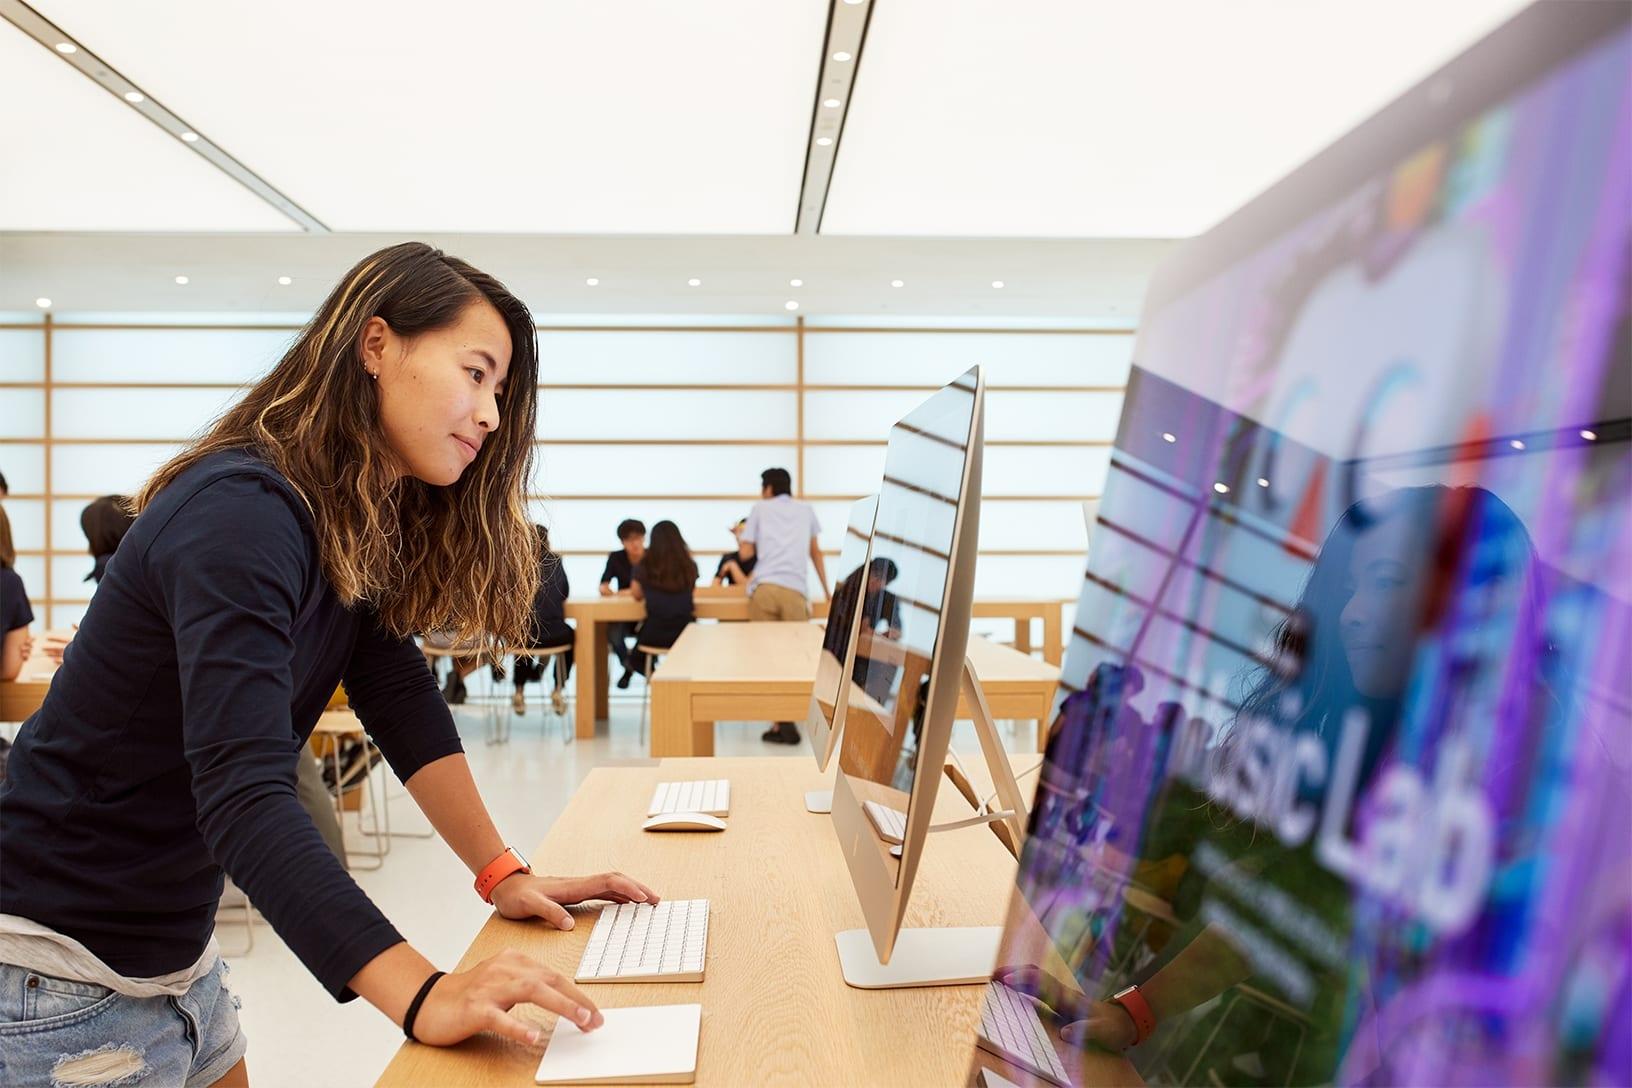 NSO Kyoto new multilevel interior 08222018 - Galéria: Pozrite si najnovší Apple Store v centre Kjóta